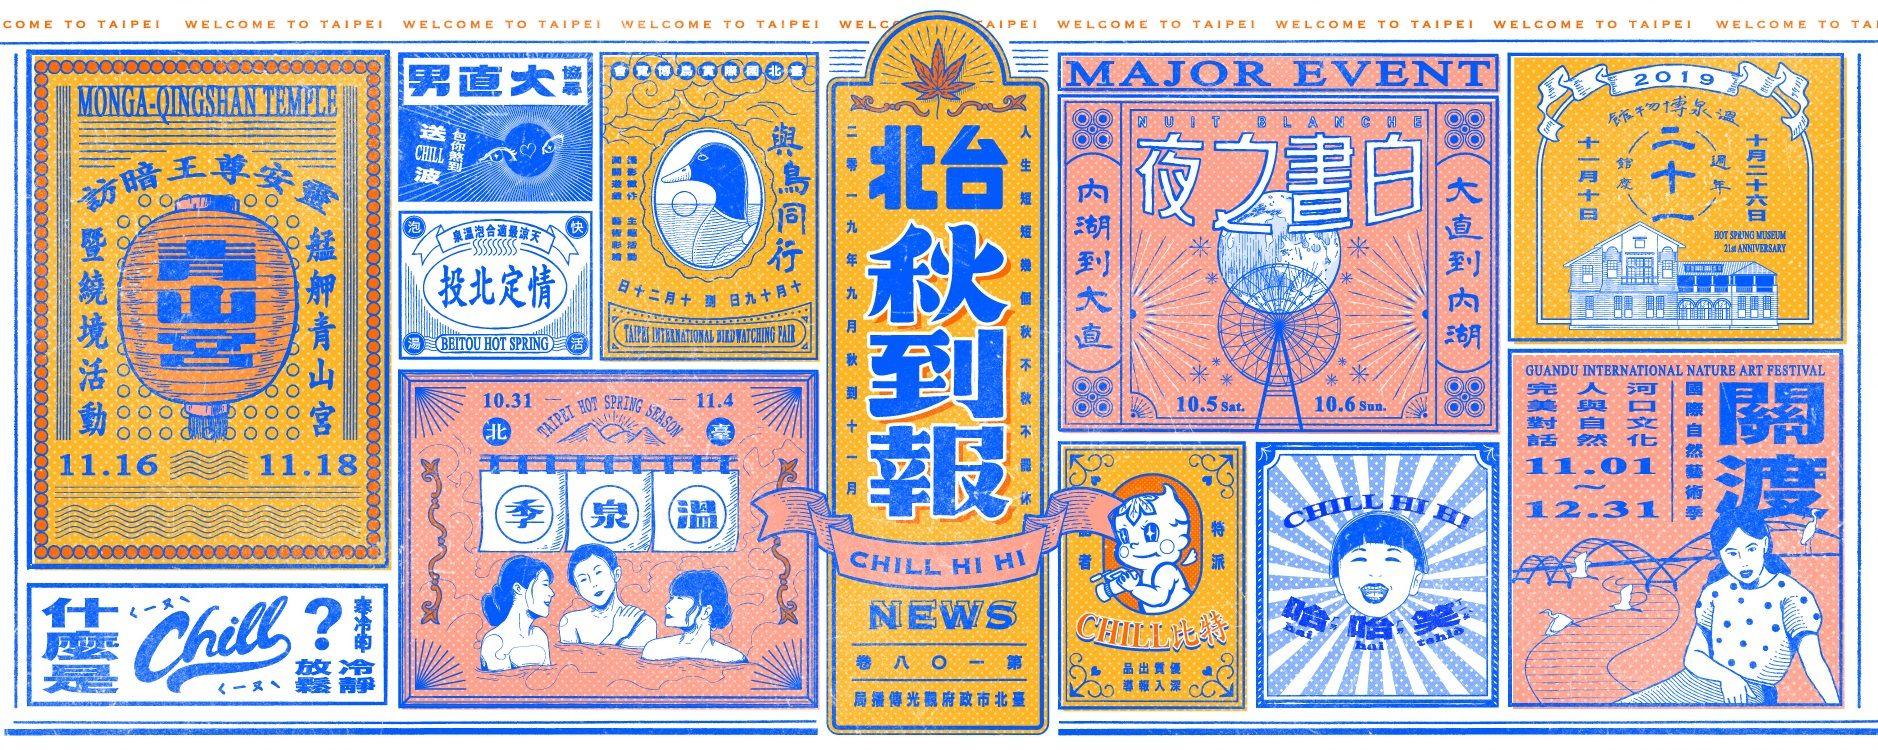 臺北市108年秋季大型活動連結